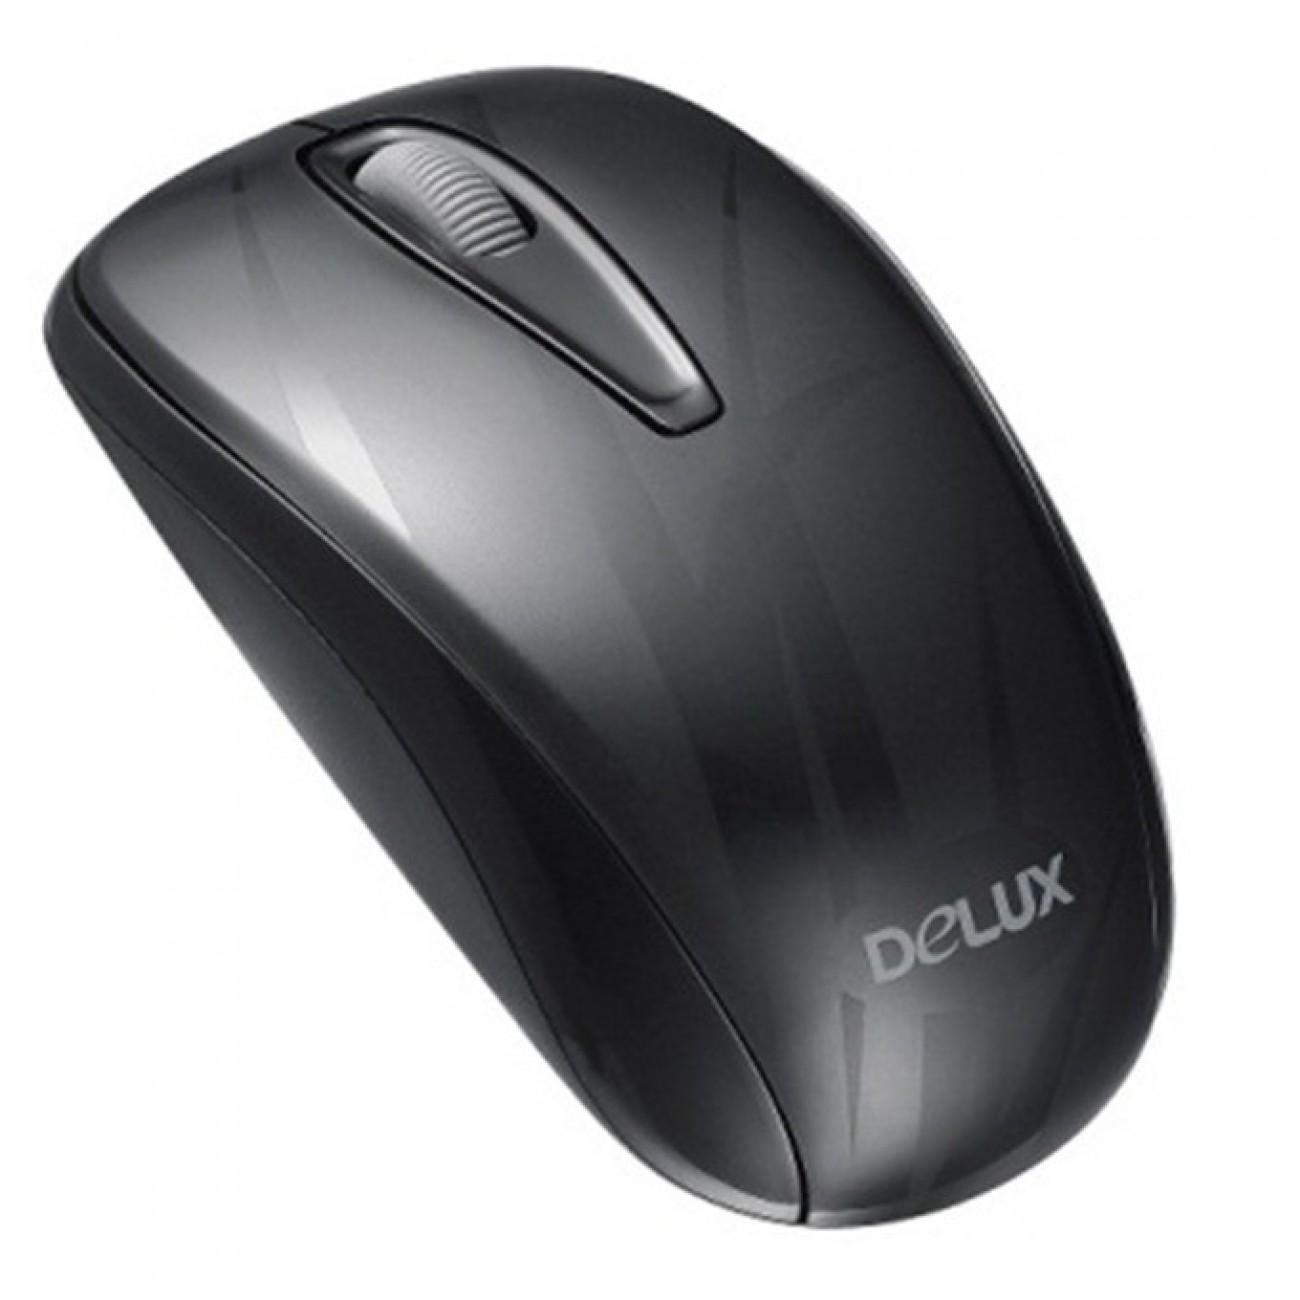 Mишка DELUX M107GX+G07UF, оптична 1000 dpi., безжична, USB (NANO receiver), черна в Мишки - Delux | Alleop